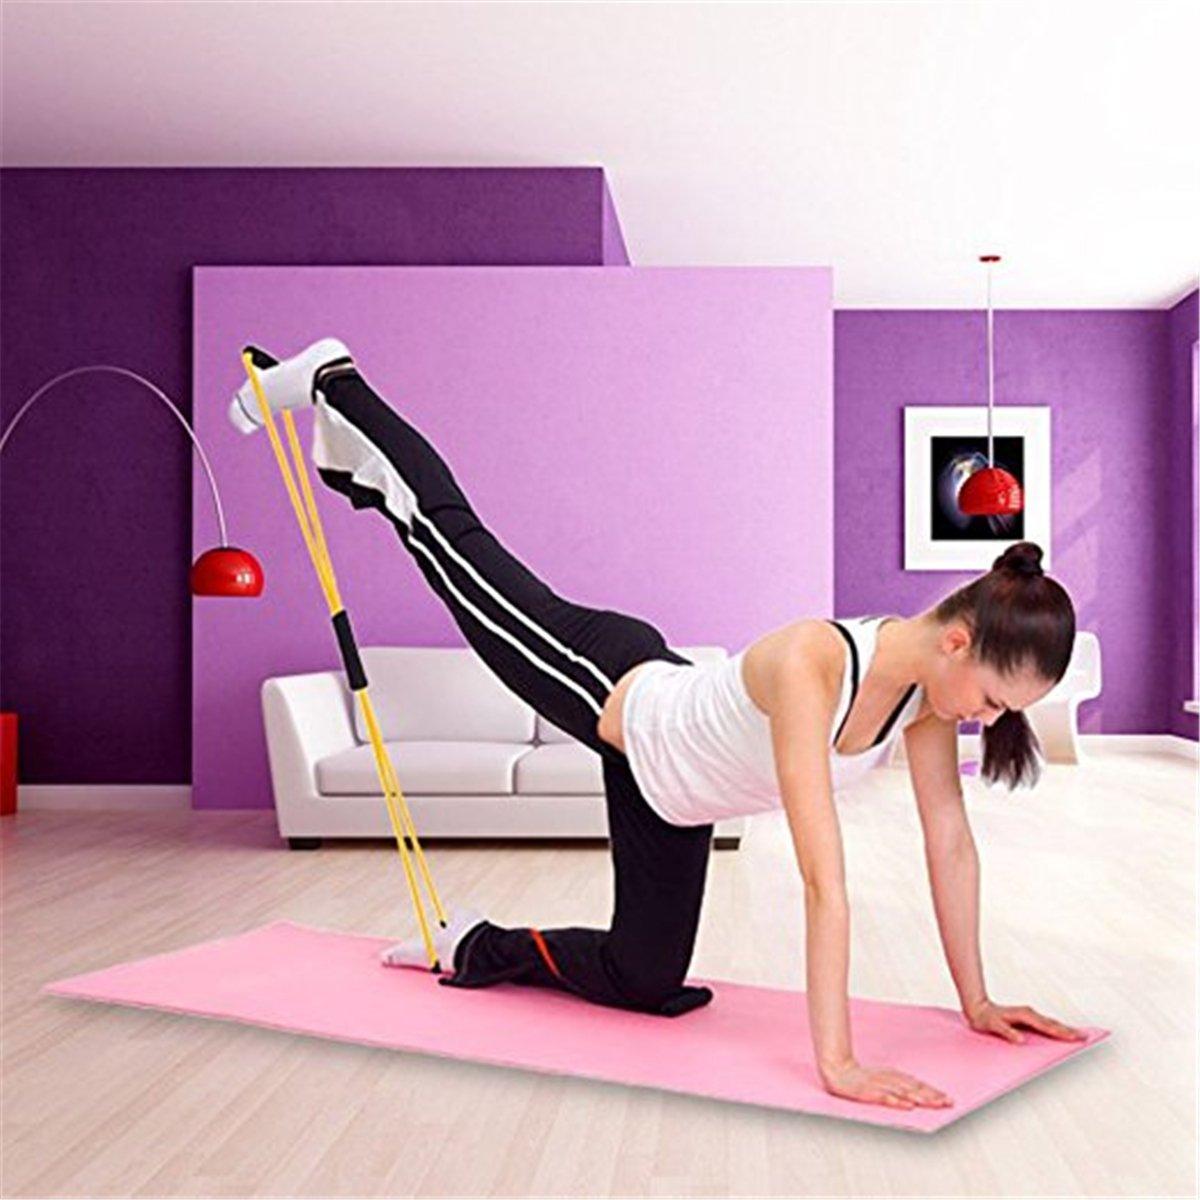 Unicoco Banda de Resistencia Banda de Ejercicios Elásticos de Fitness Ejercicio Muscular Cuerda de Tubo de Yoga para Terapia Física Entrenamiento en ...